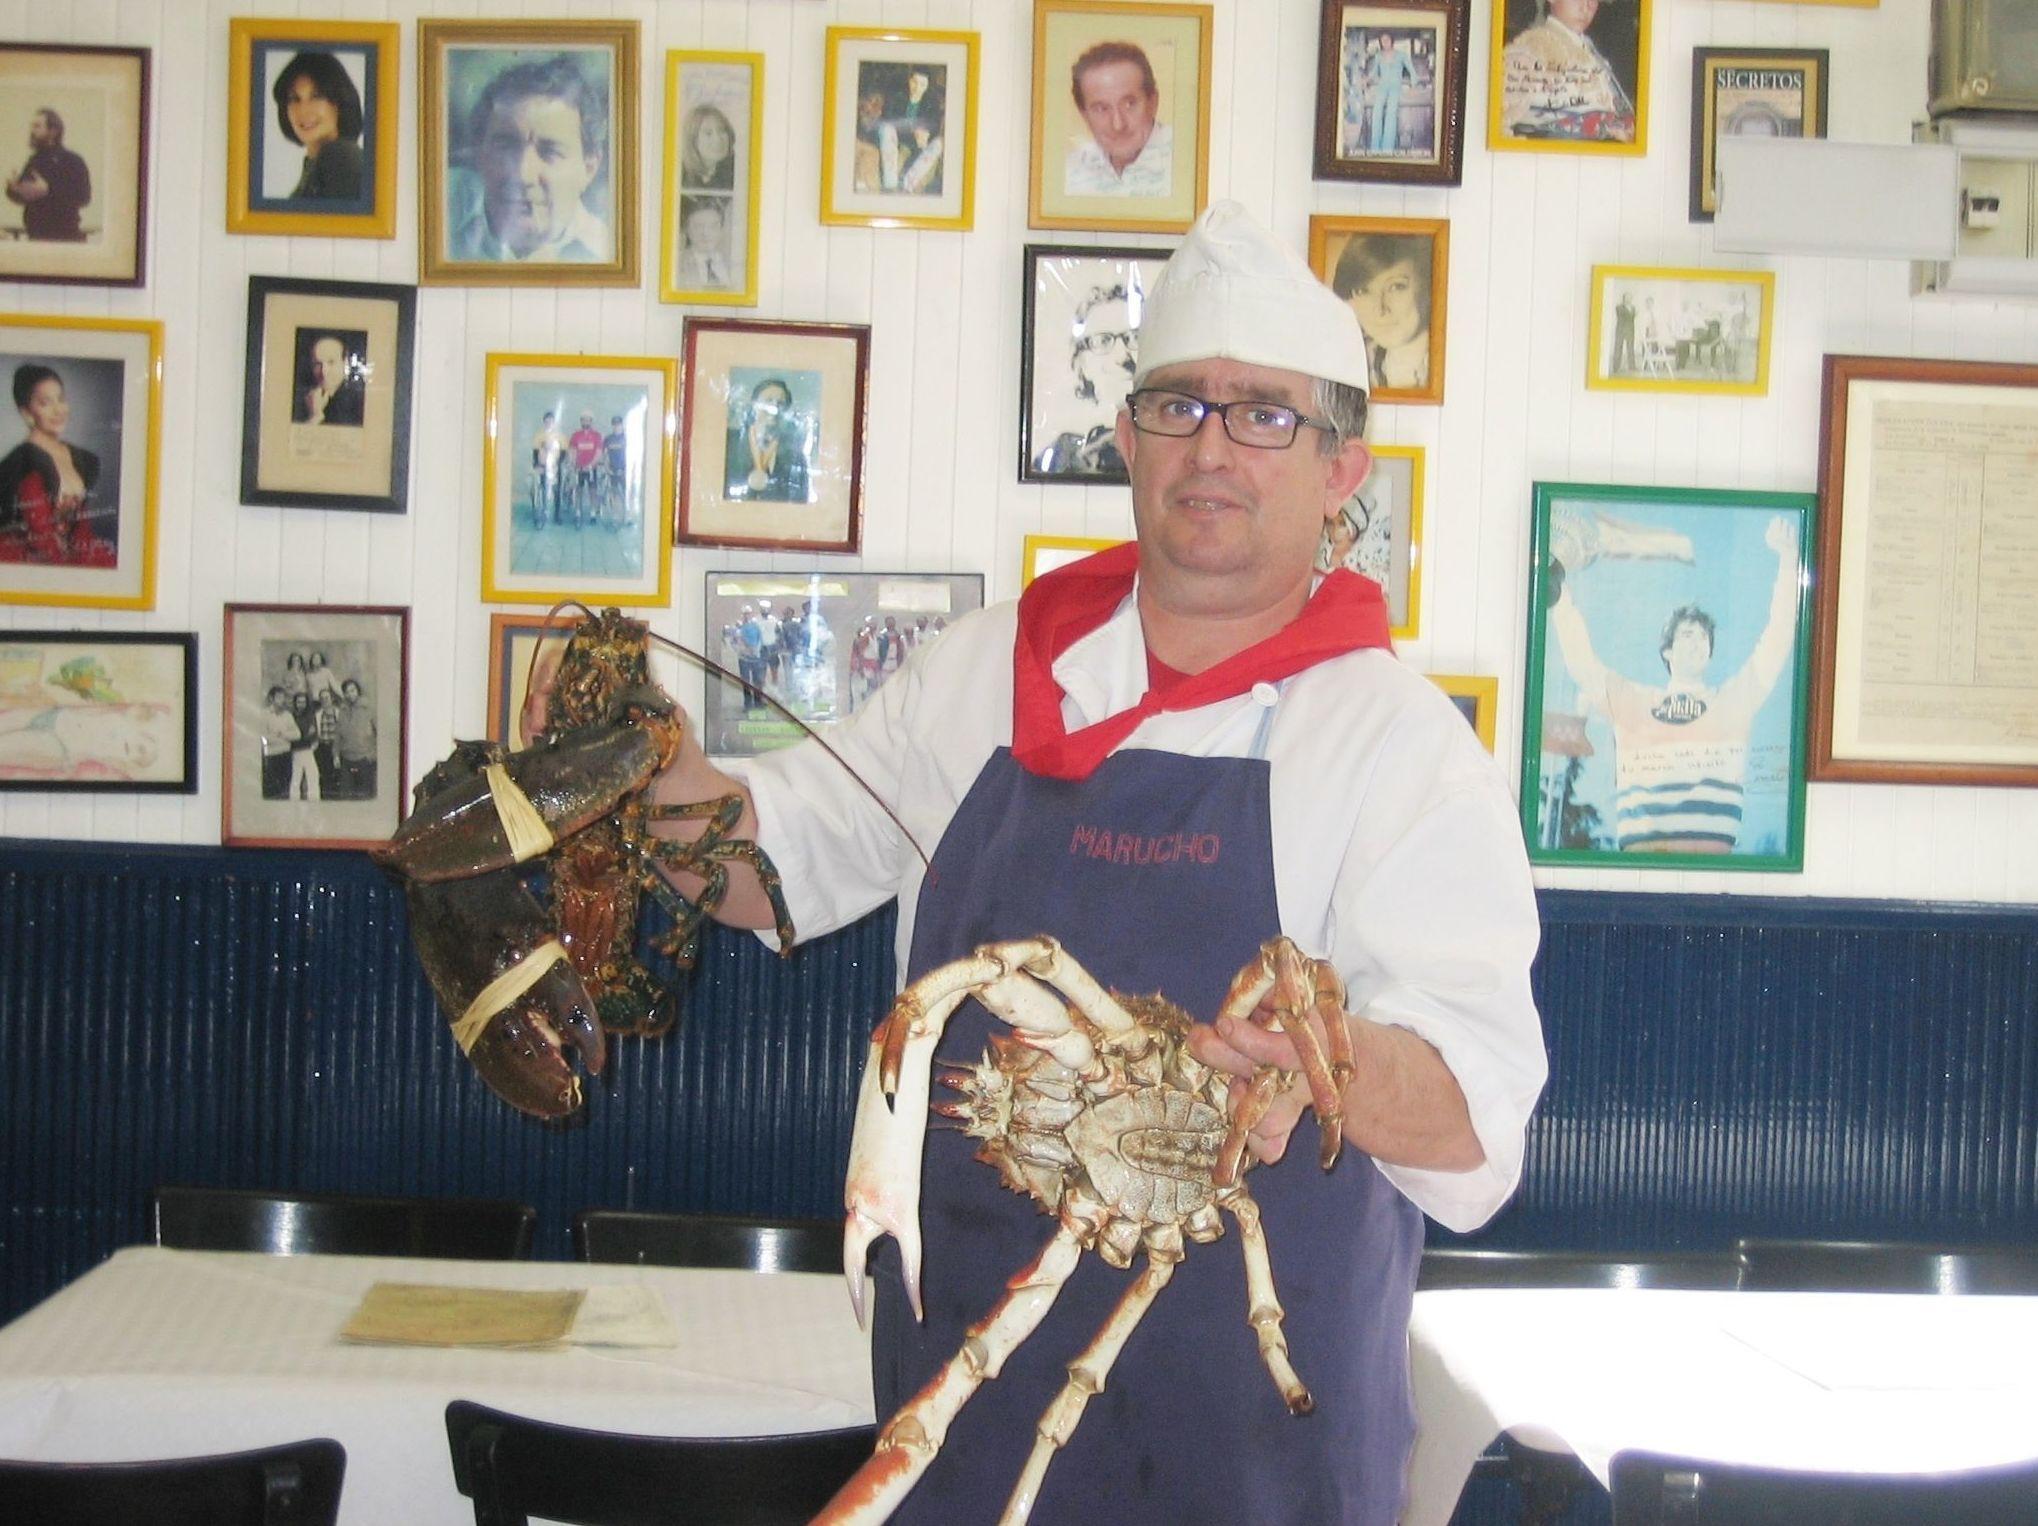 Foto 14 de Cocina marinera en Santander | Marucho